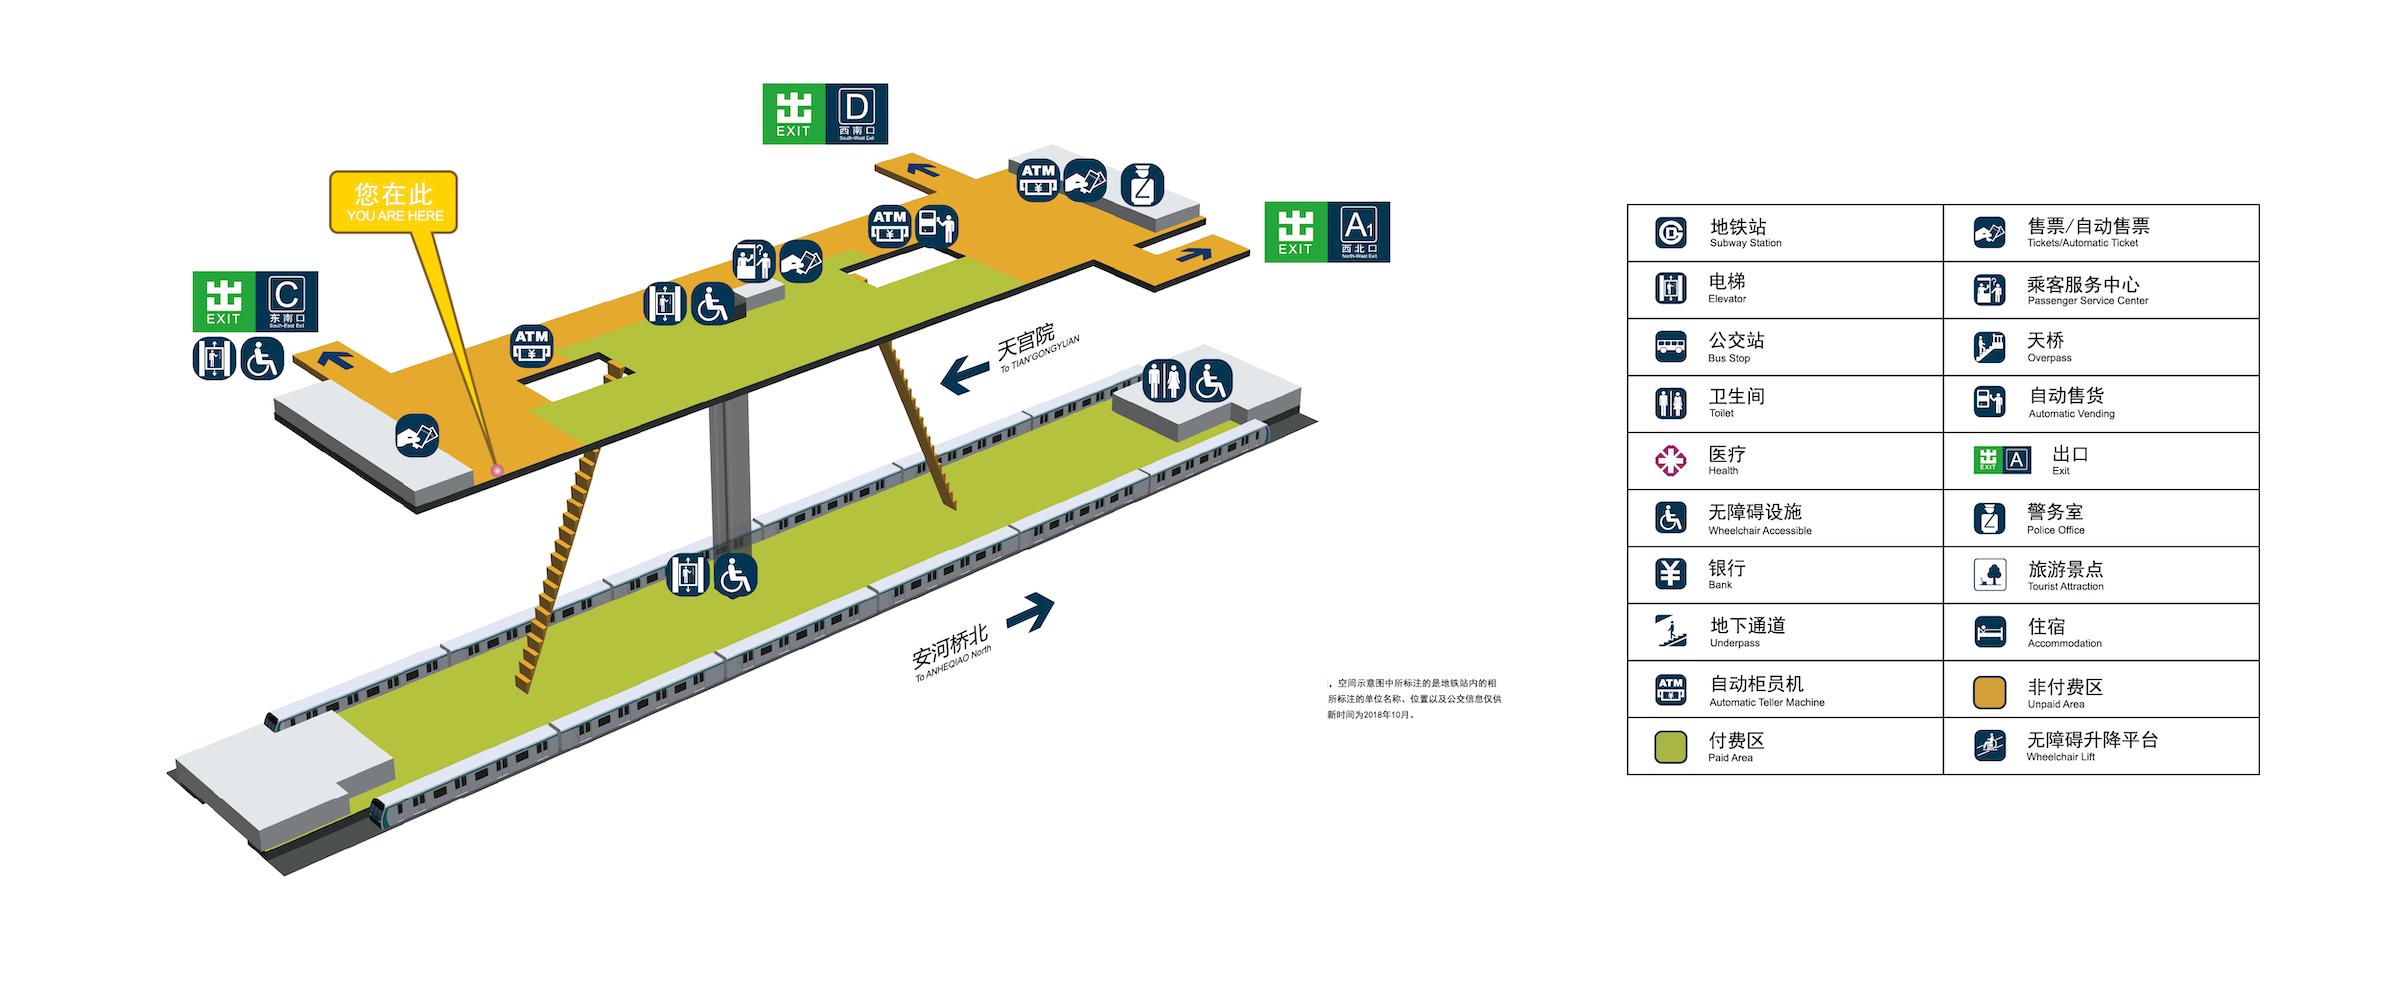 北宫门站立体图